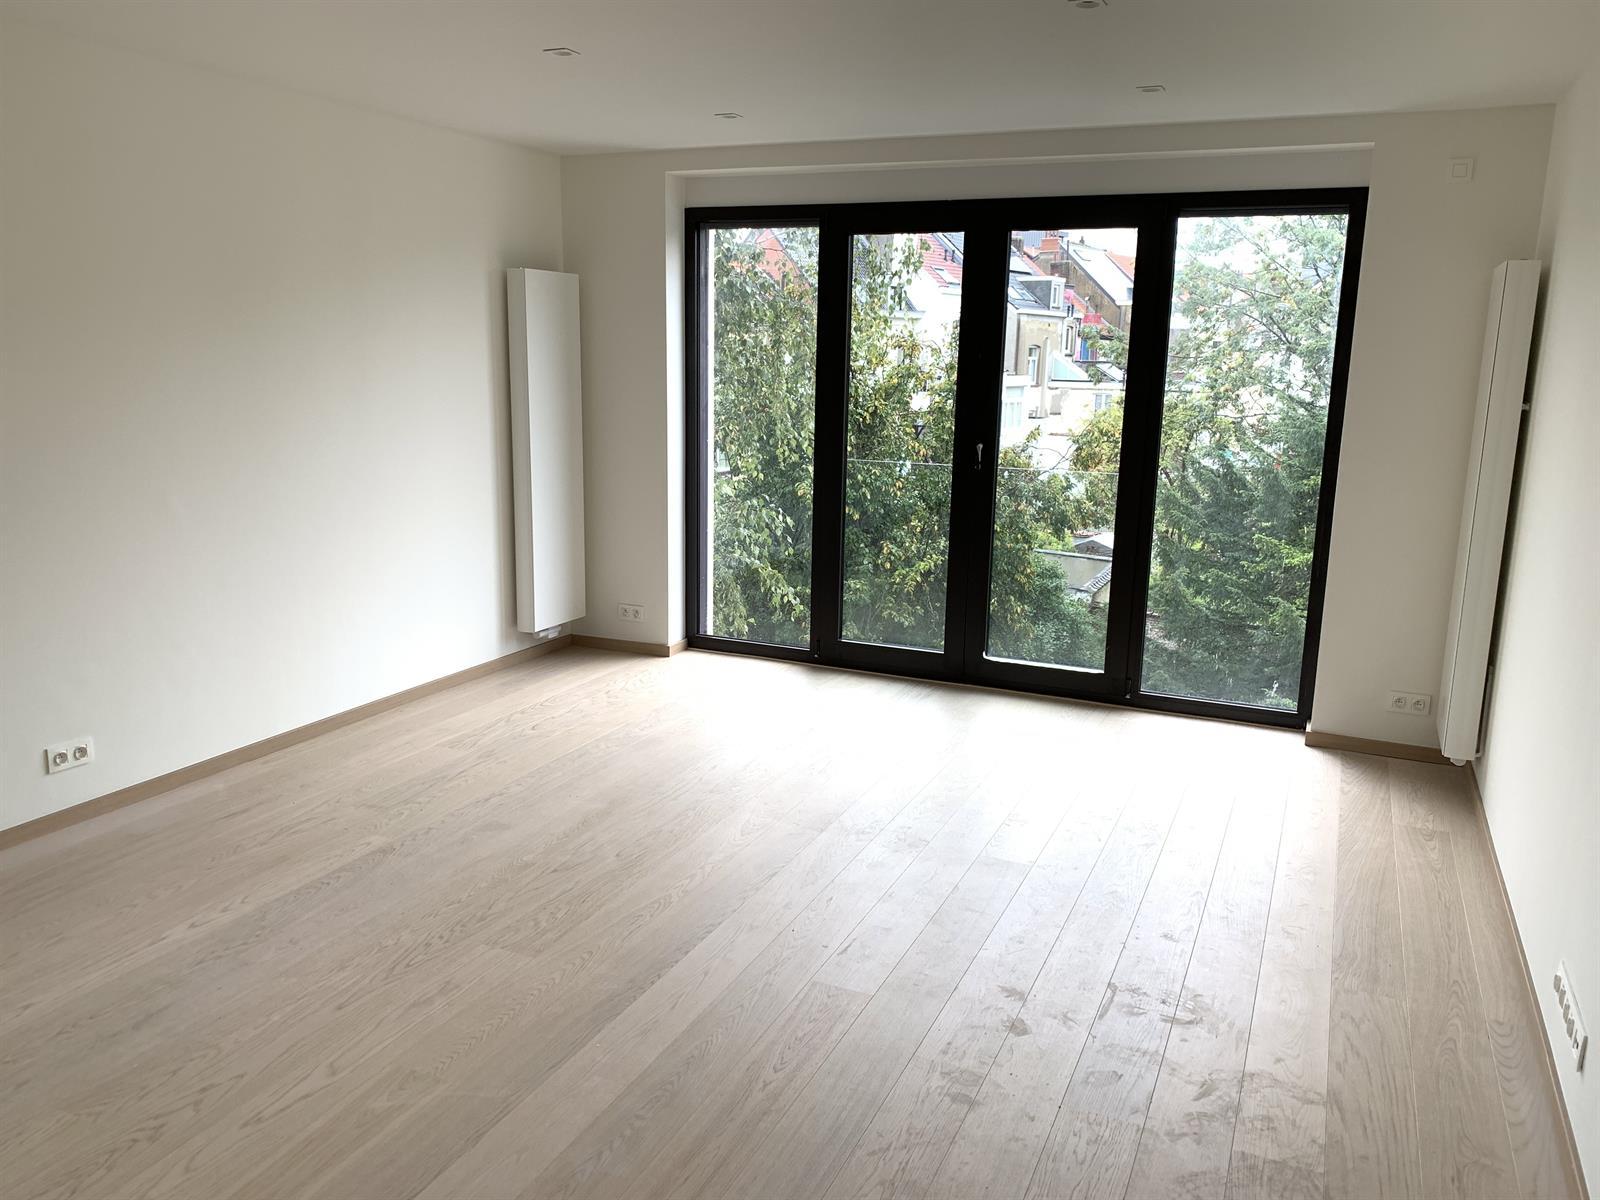 Flat - Ixelles - #4372458-4